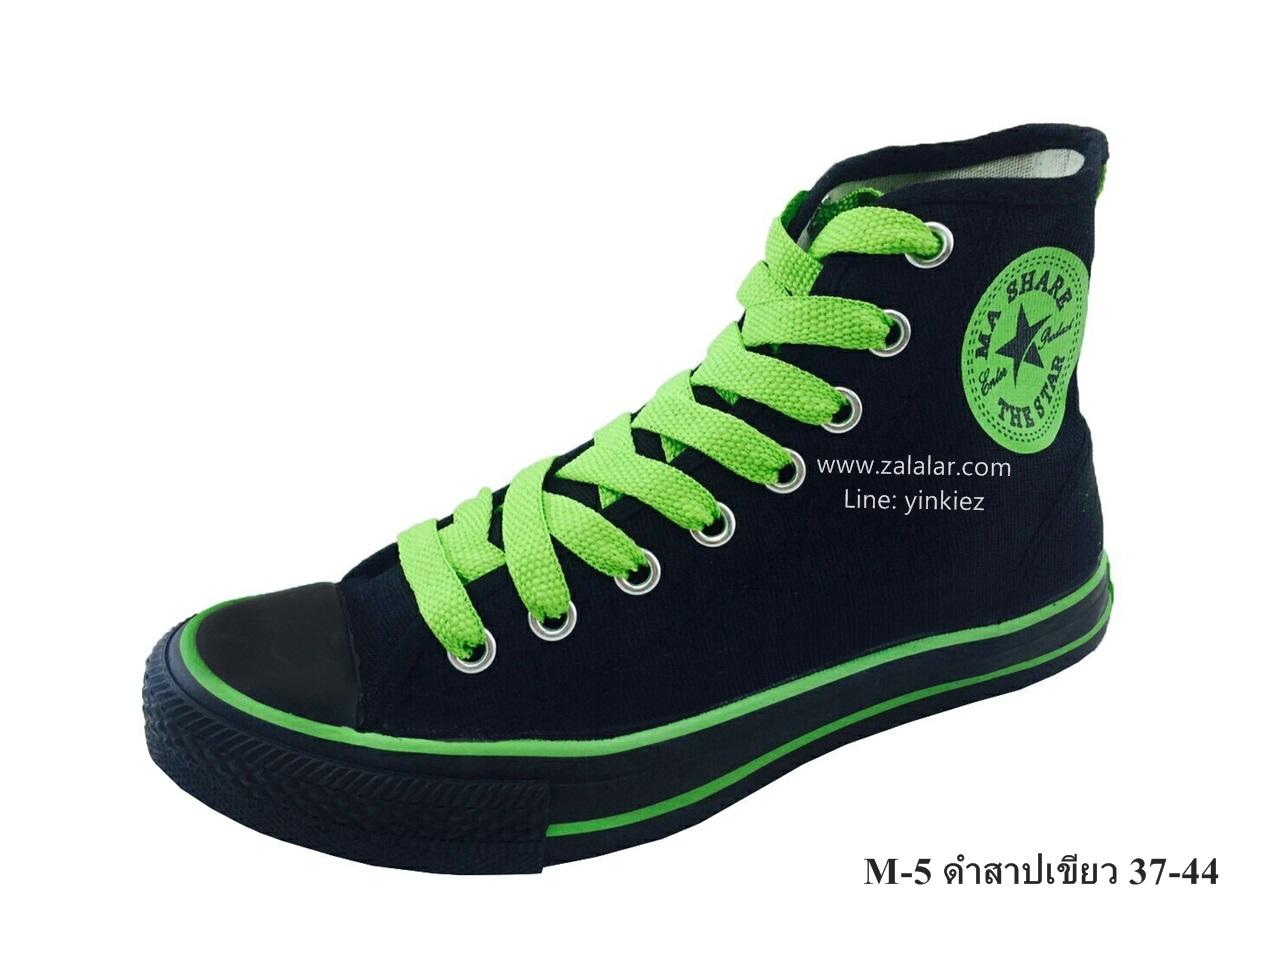 [พร้อมส่ง] รองเท้าผ้าใบแฟชั่น รุ่น M-5 สีดำสาปเขียว ทรงหุ้มข้อ